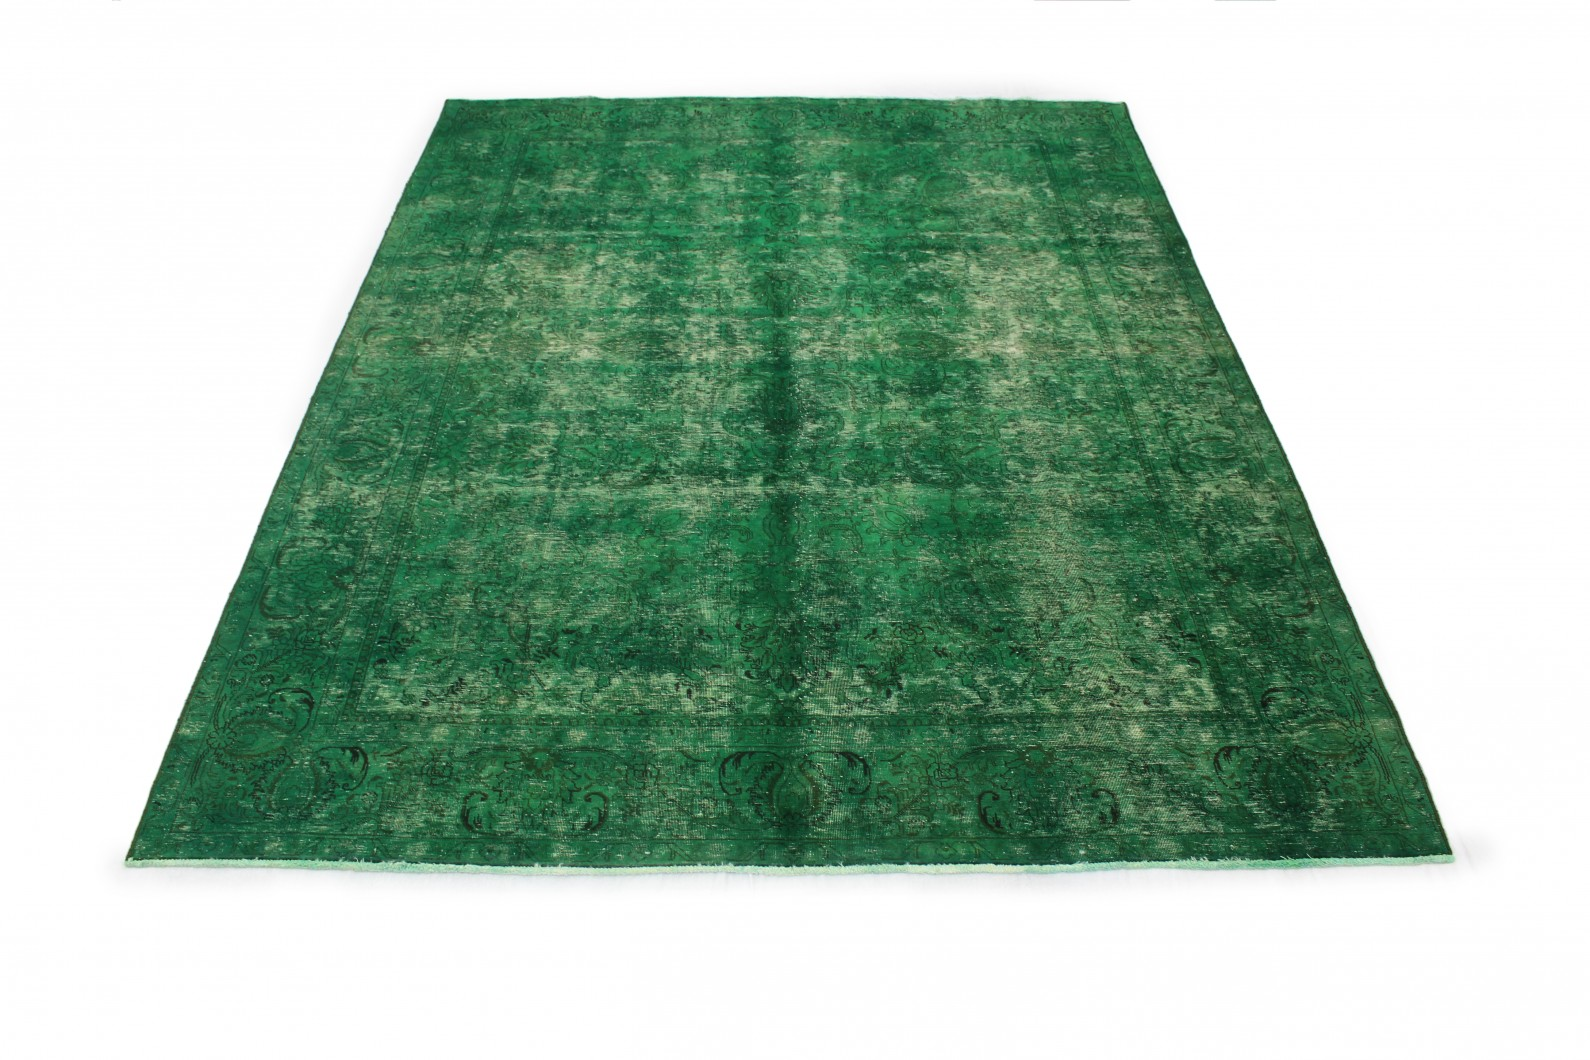 Vintage Teppich Grun In 370x280cm 1001 5048 Bei Carpetido De Kaufen